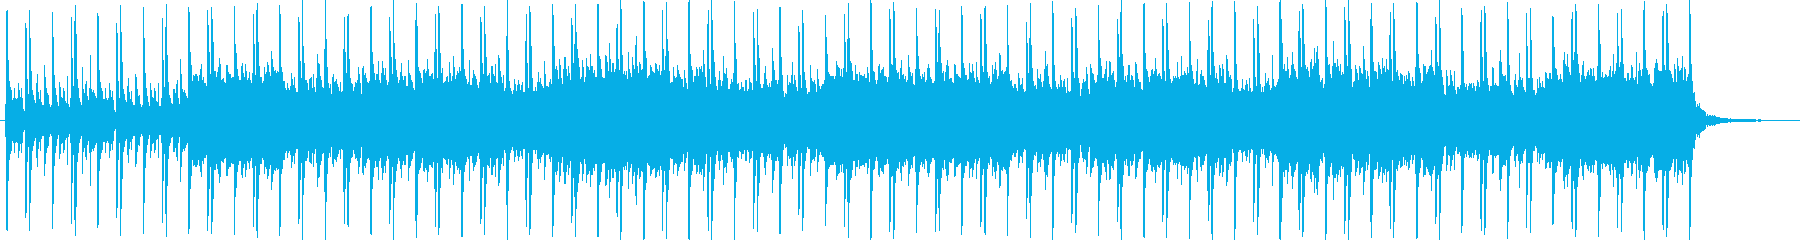 マンドリンとバグパイプの牧歌的な曲の再生済みの波形